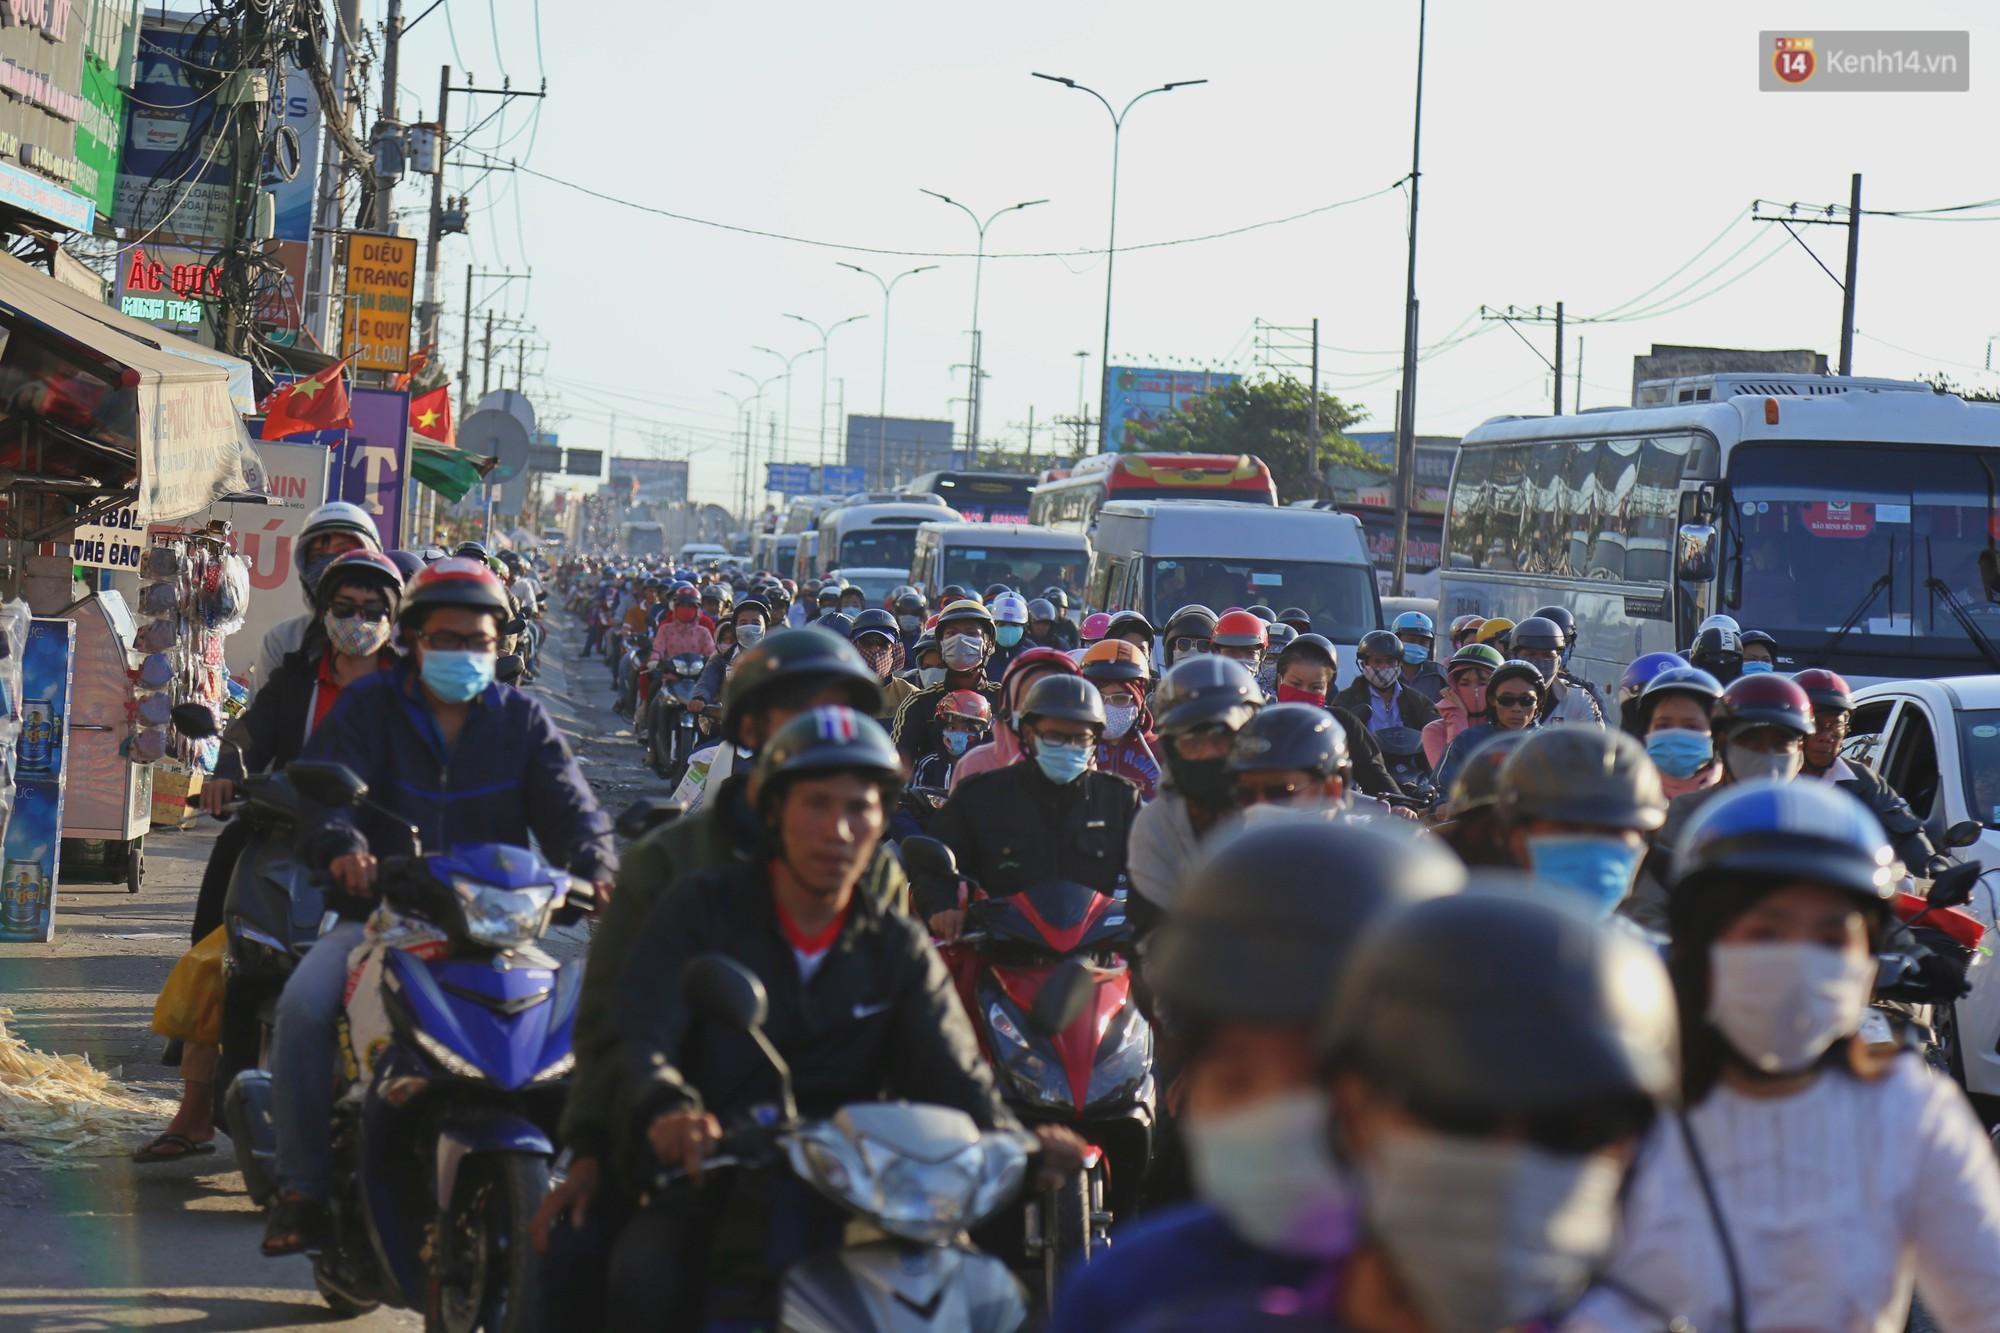 """""""Biển"""" người hối hả quay lại thành phố sau Tết gây ùn tắc nghiêm trọng khu vực cửa ngõ Sài Gòn - Ảnh 13."""